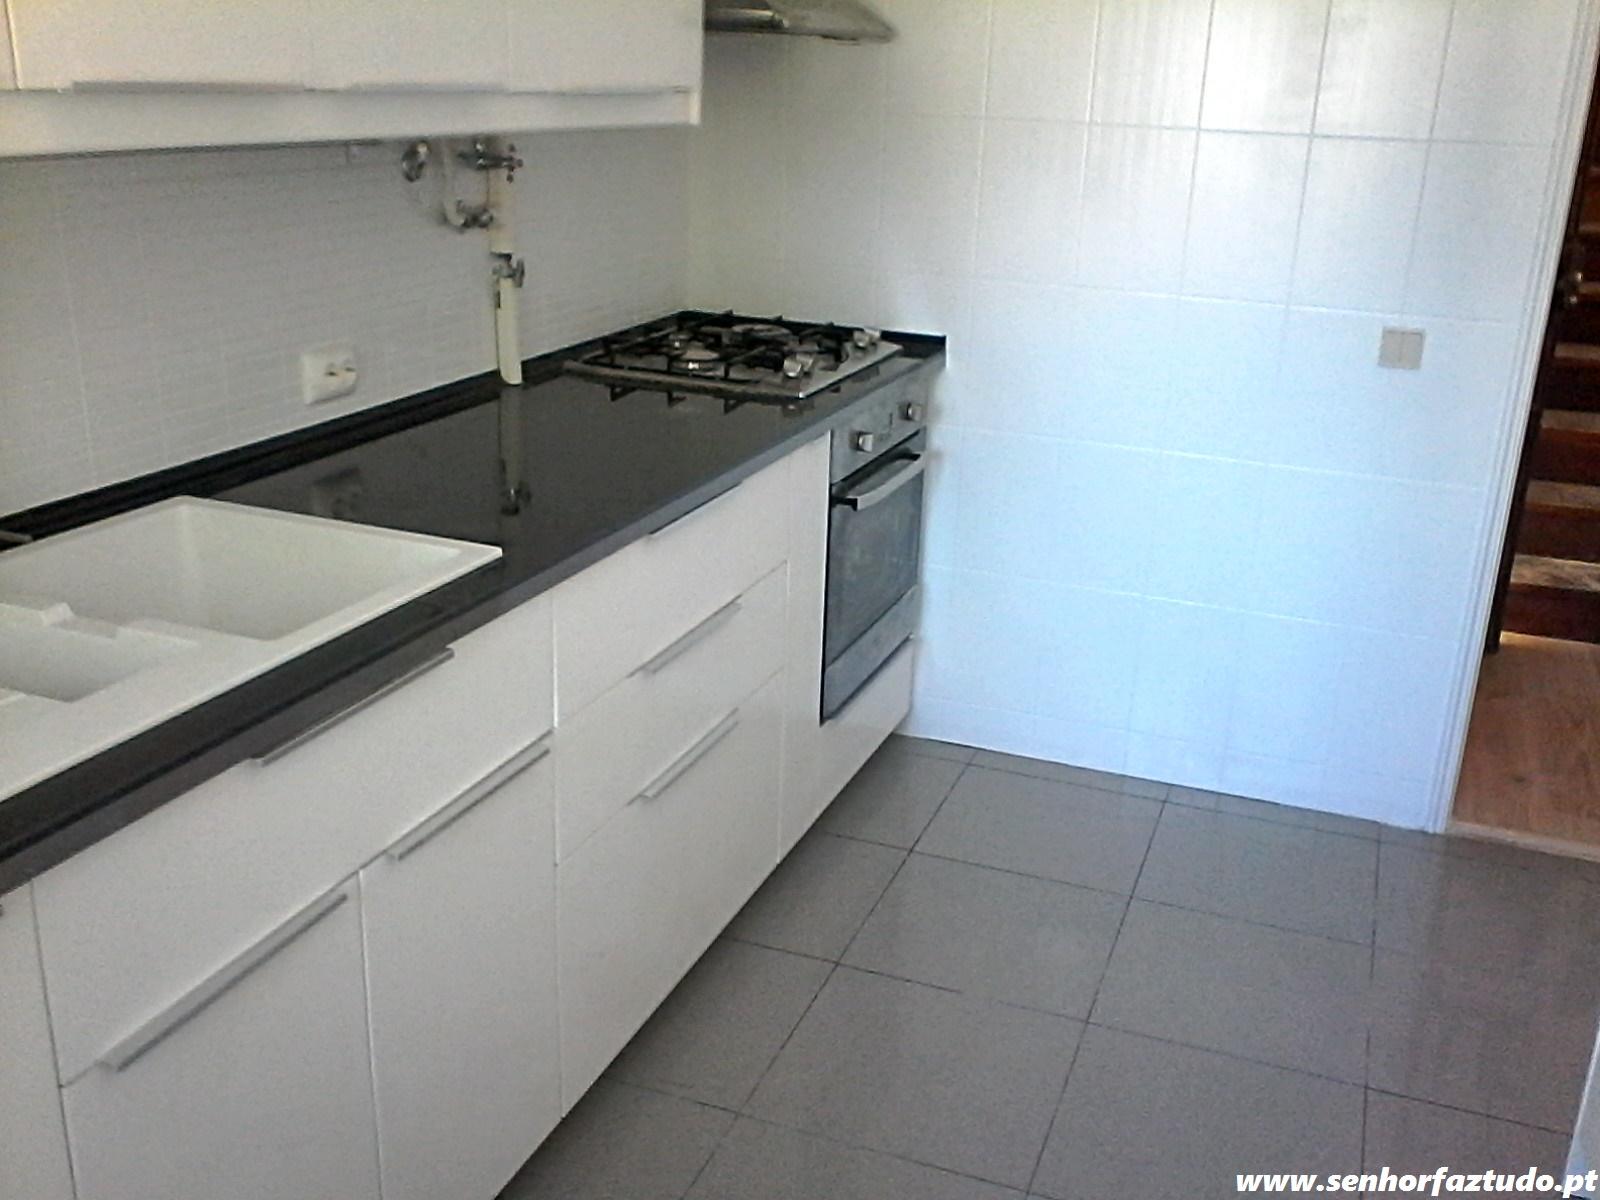 TUDO Faz tudo pelo seu lar !®: Montagem da cozinha Ikea no Estoril #30629B 1600 1200